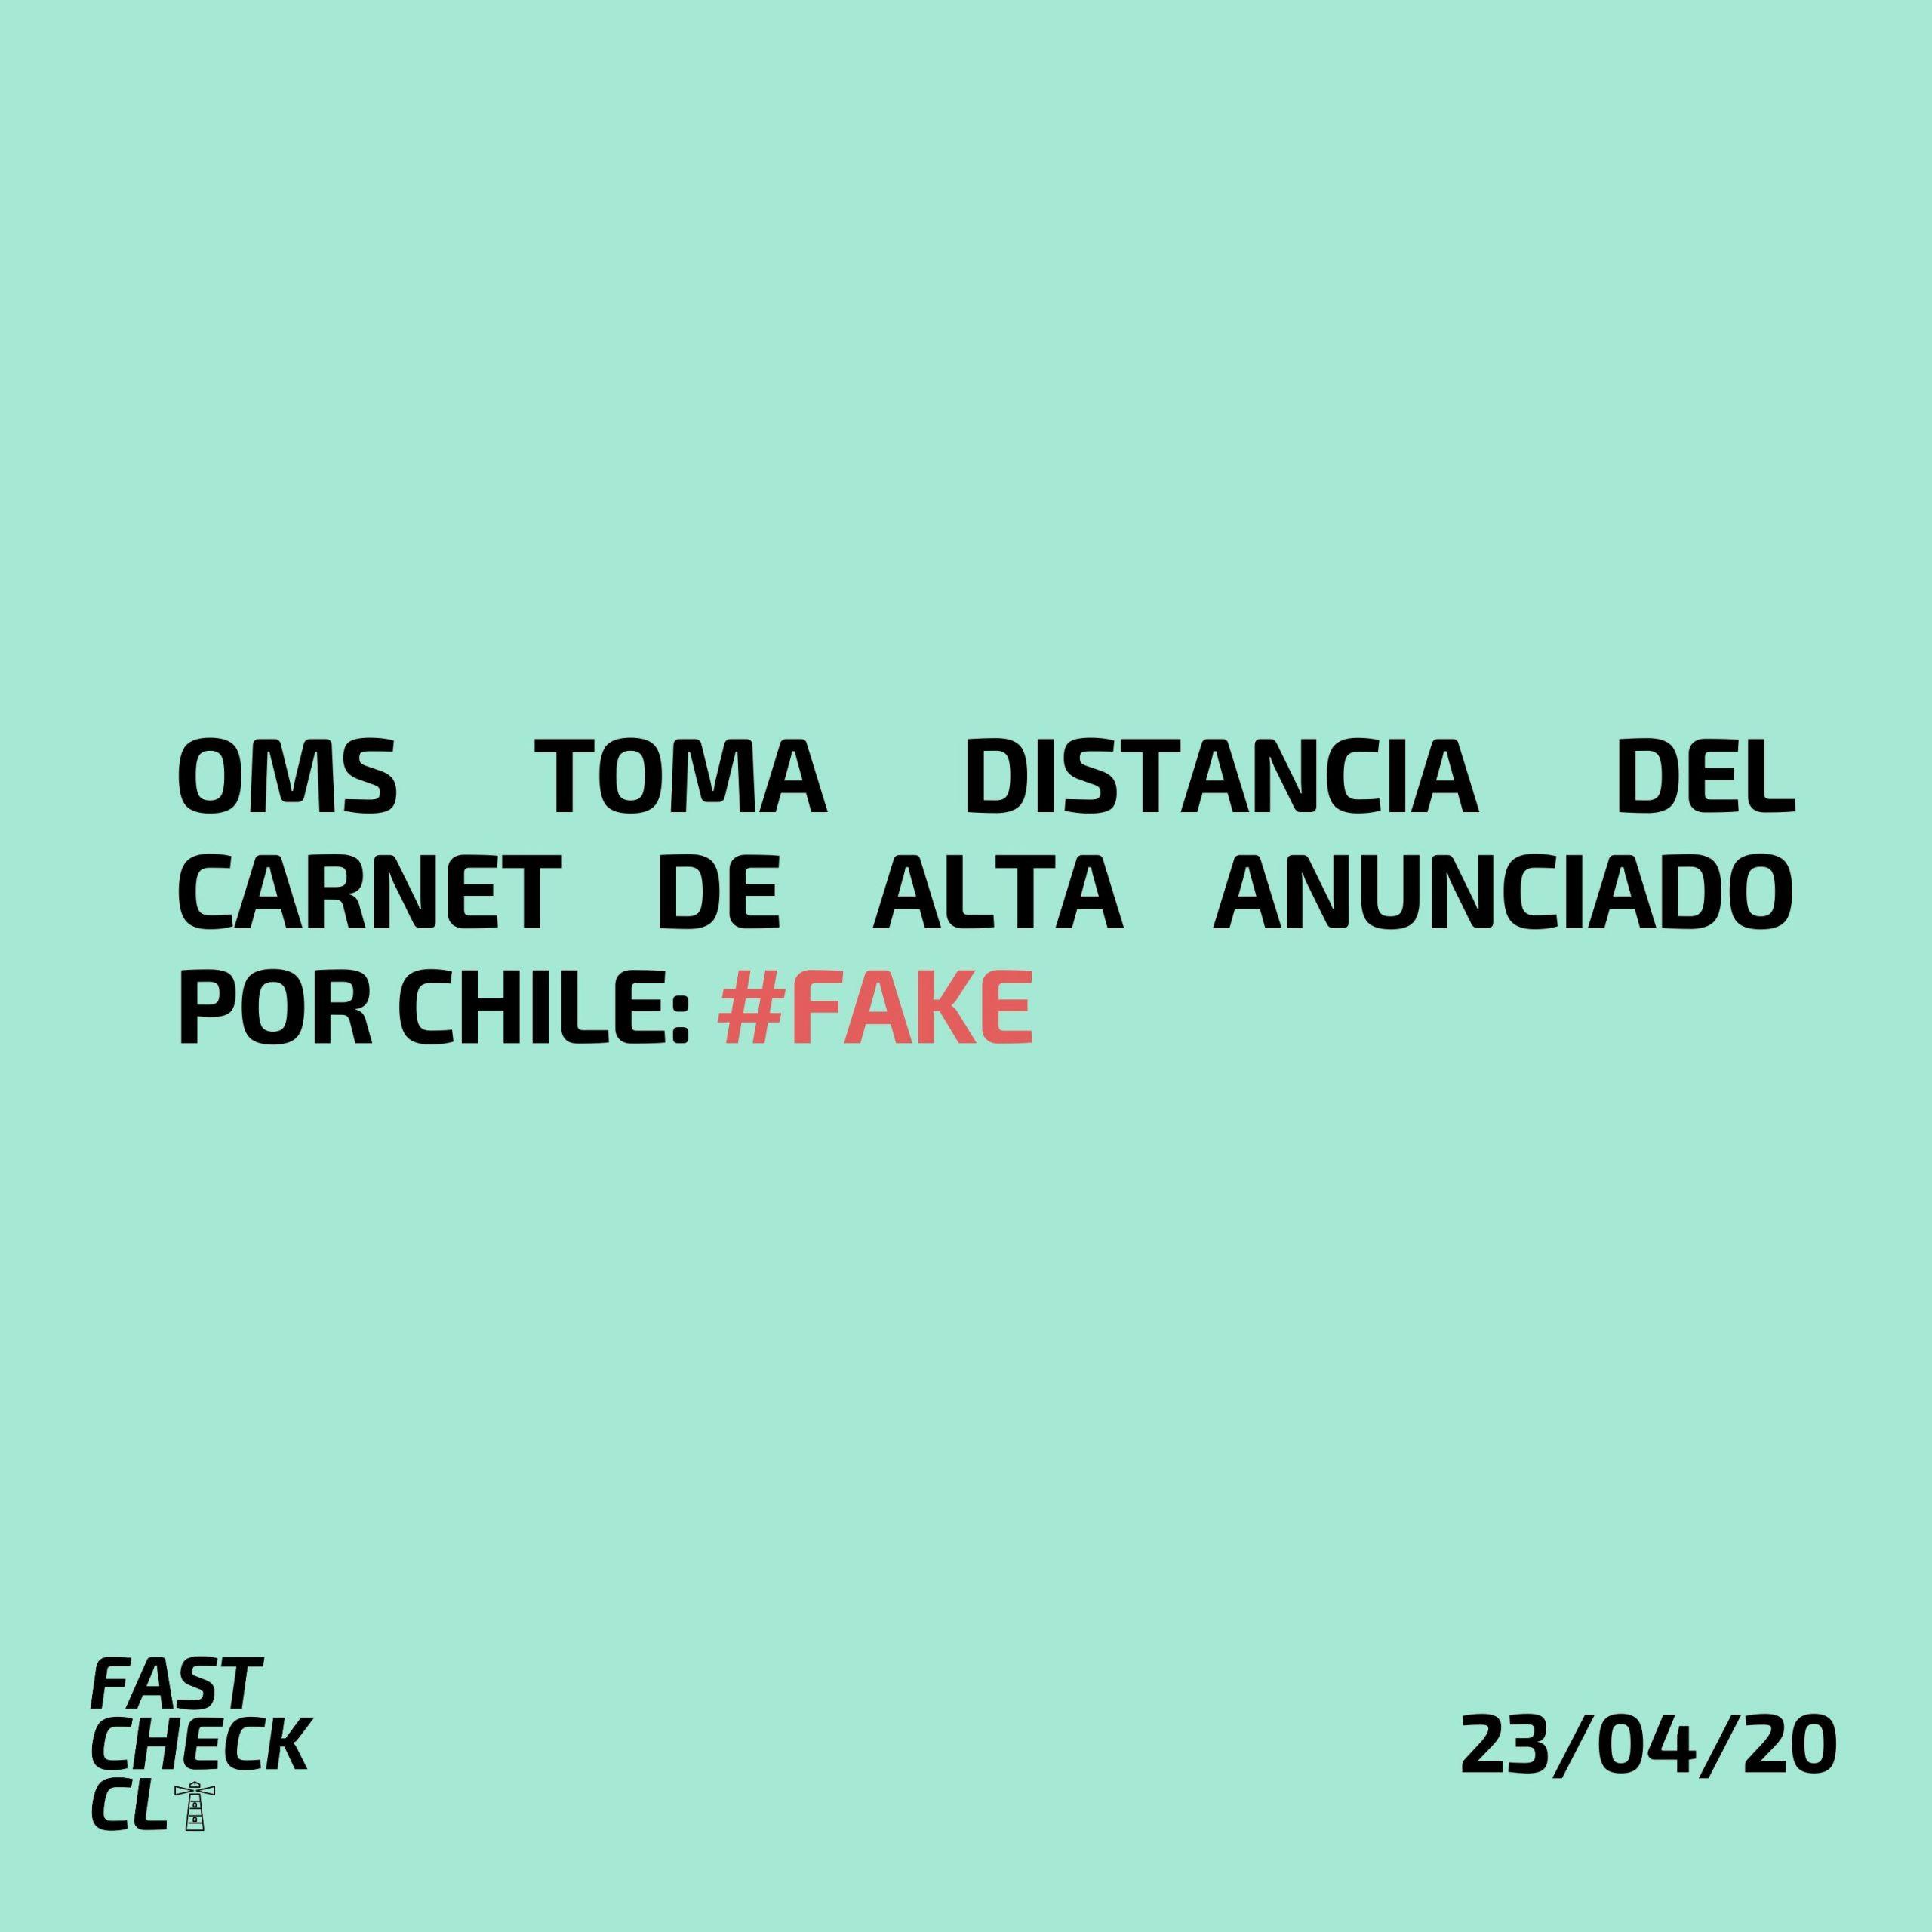 OMS toma distancia del Carnet de Alta anunciado por Chile: #Fake